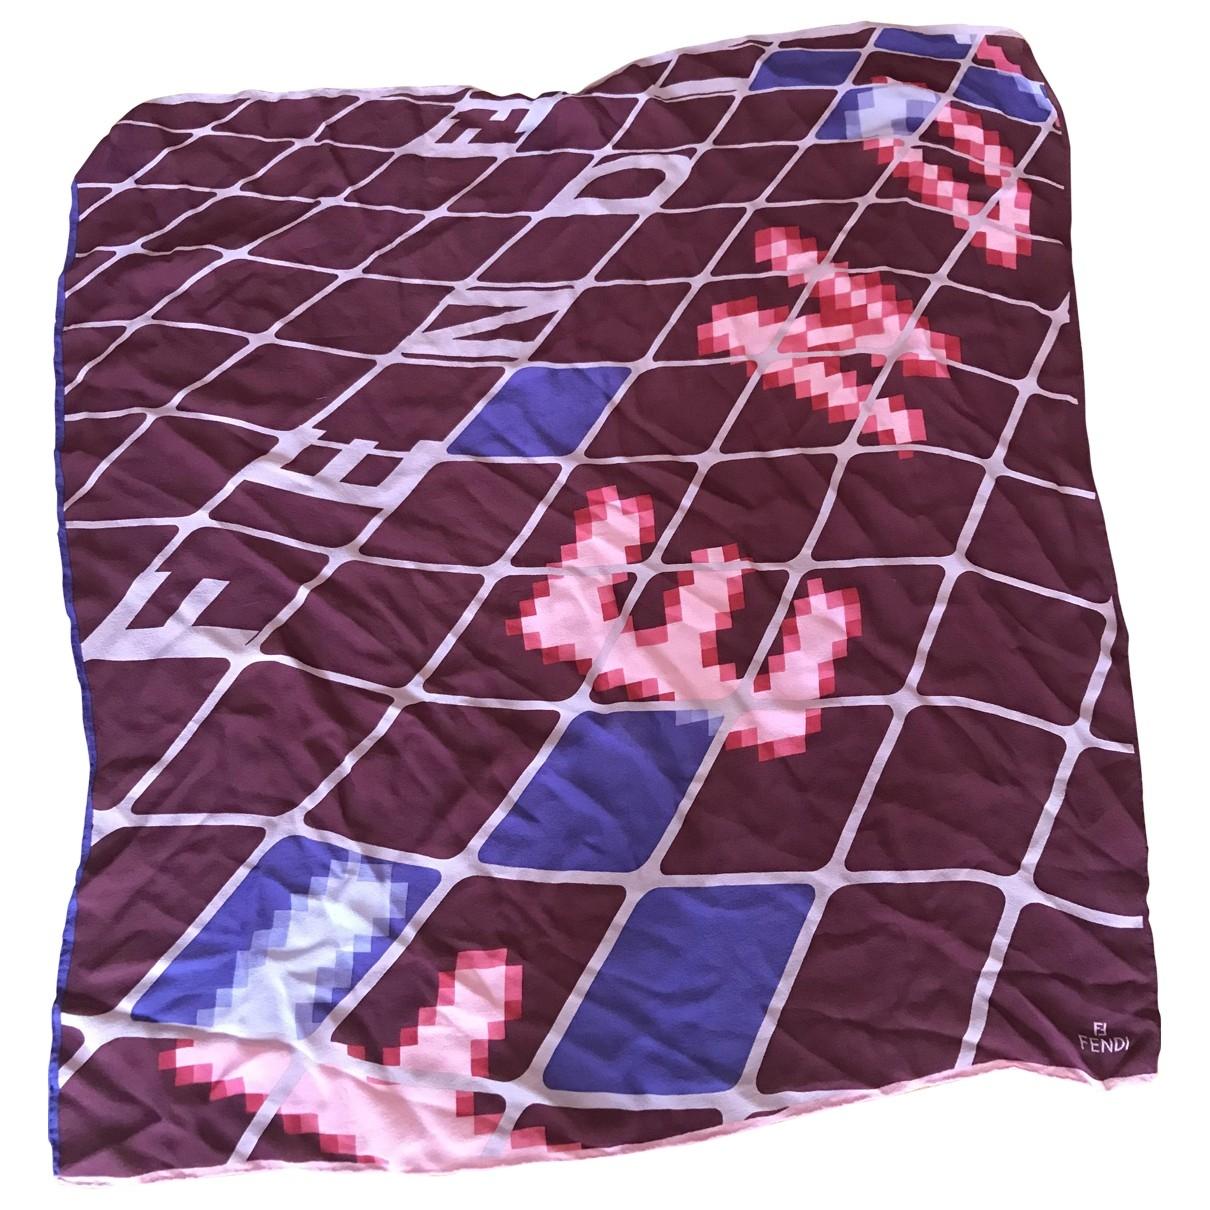 Fendi - Carre   pour femme en soie - multicolore